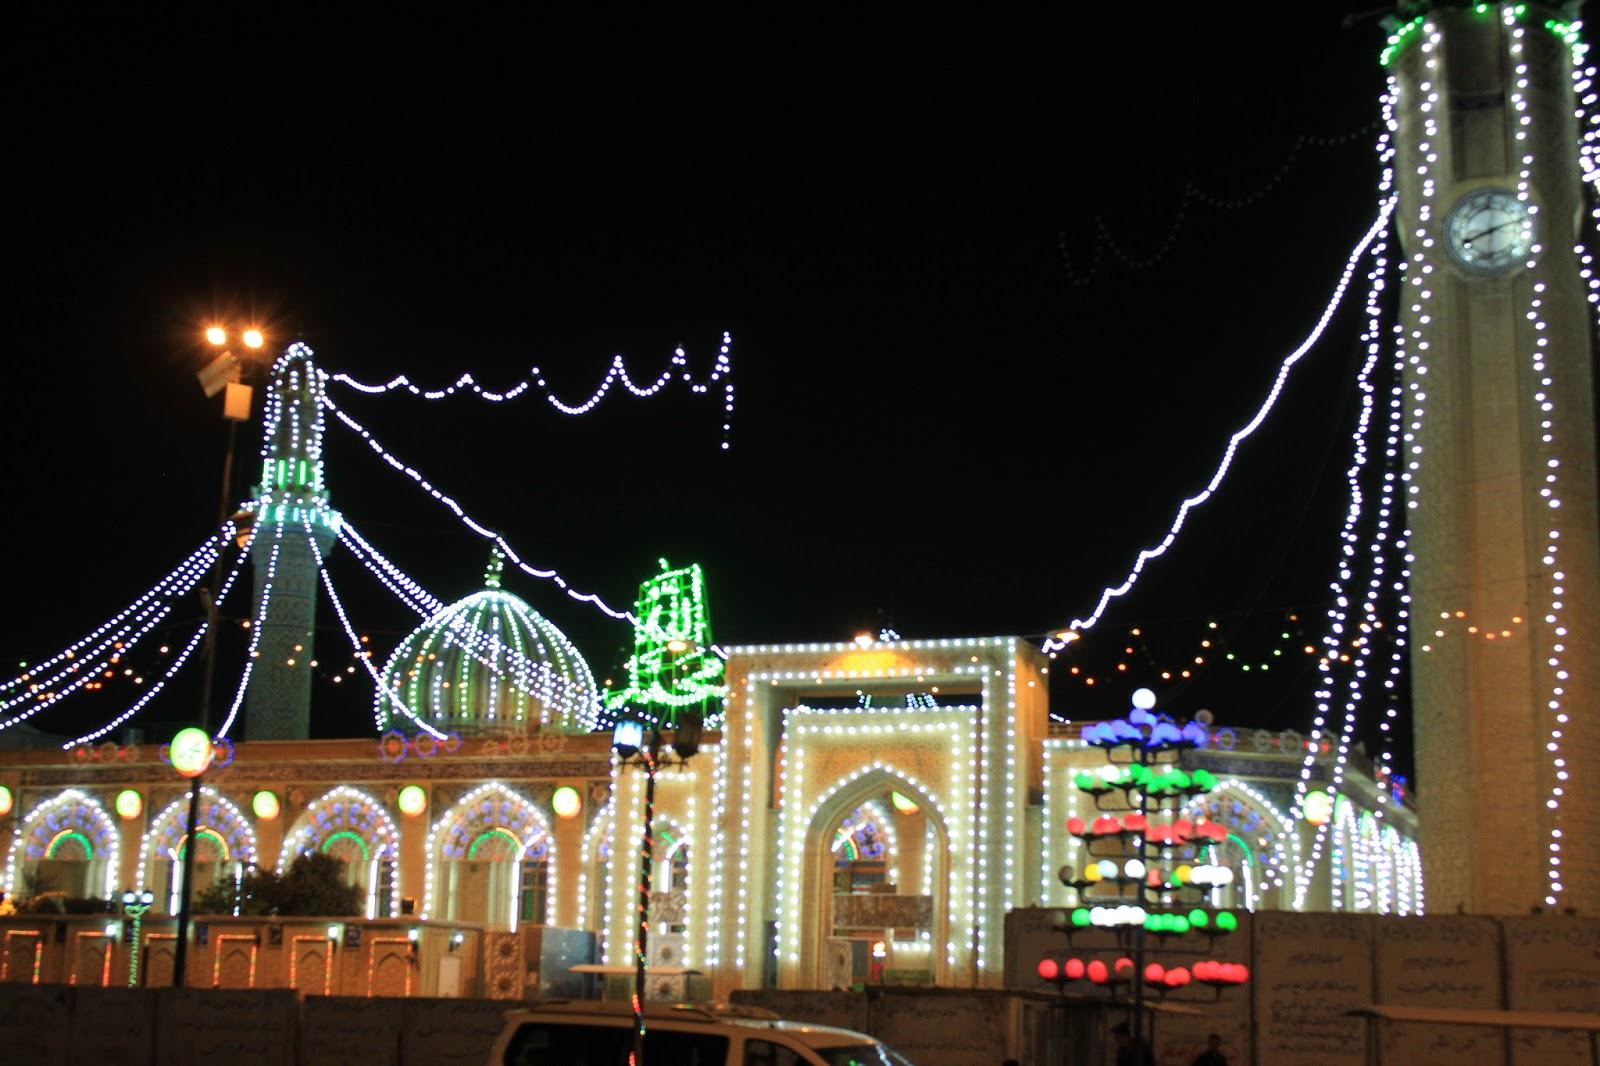 صور مساجد عراقية